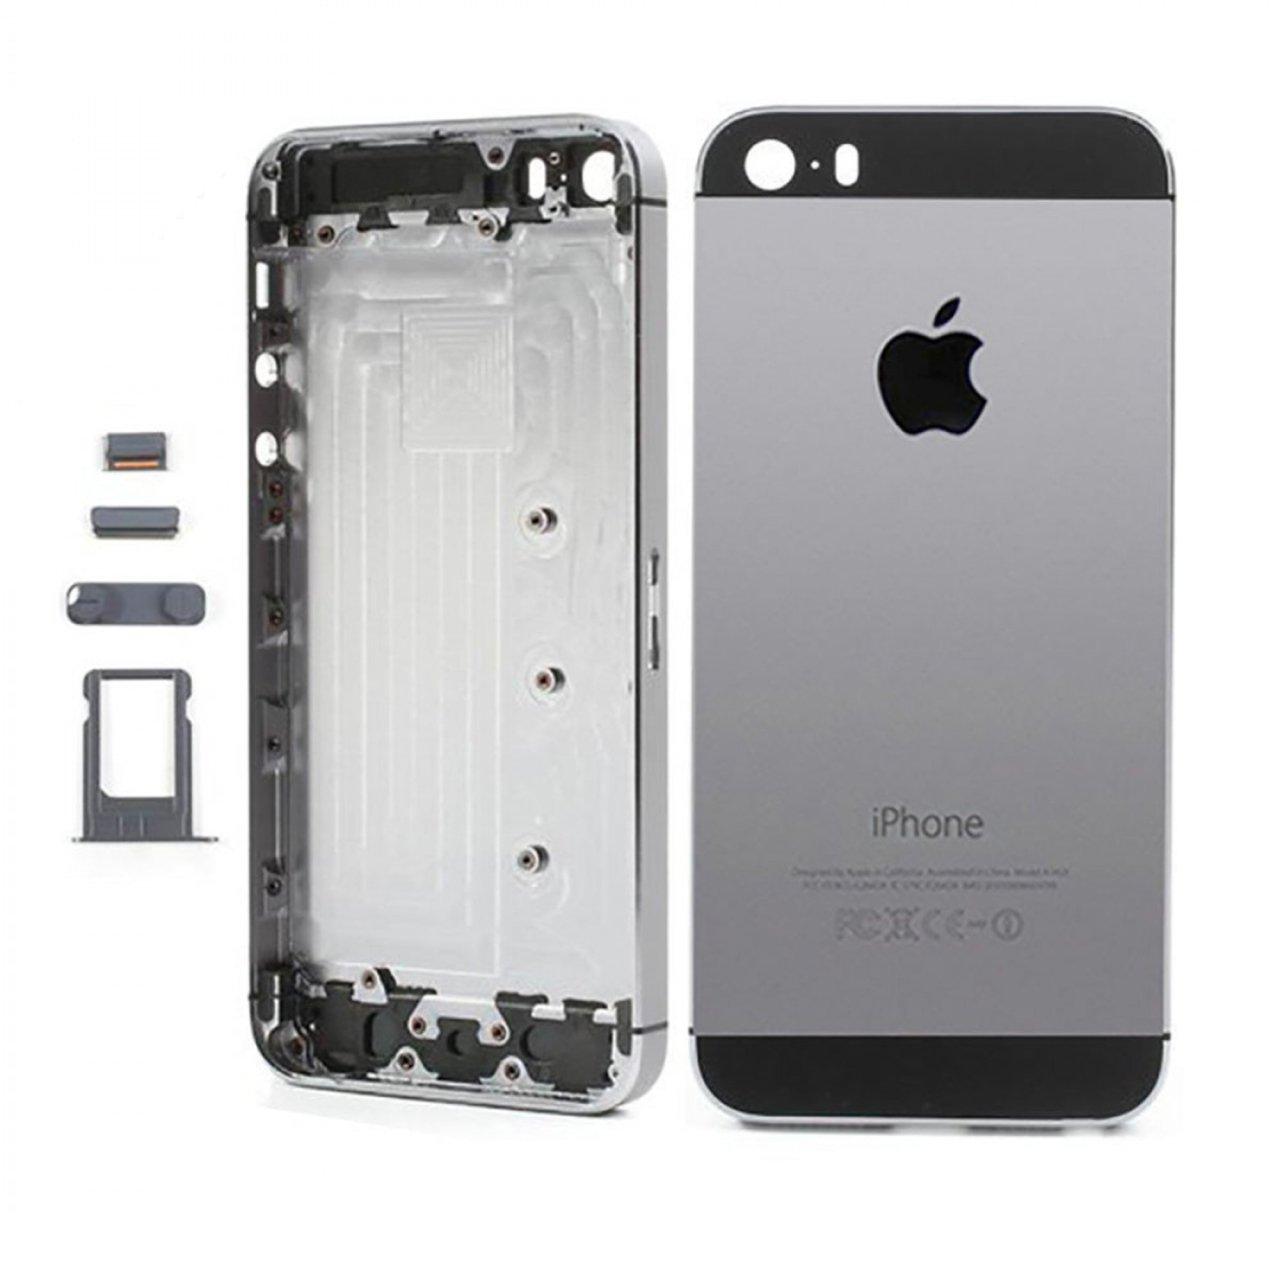 Apple Iphone 5s Kasa Boş Siyah Mobilparcasi